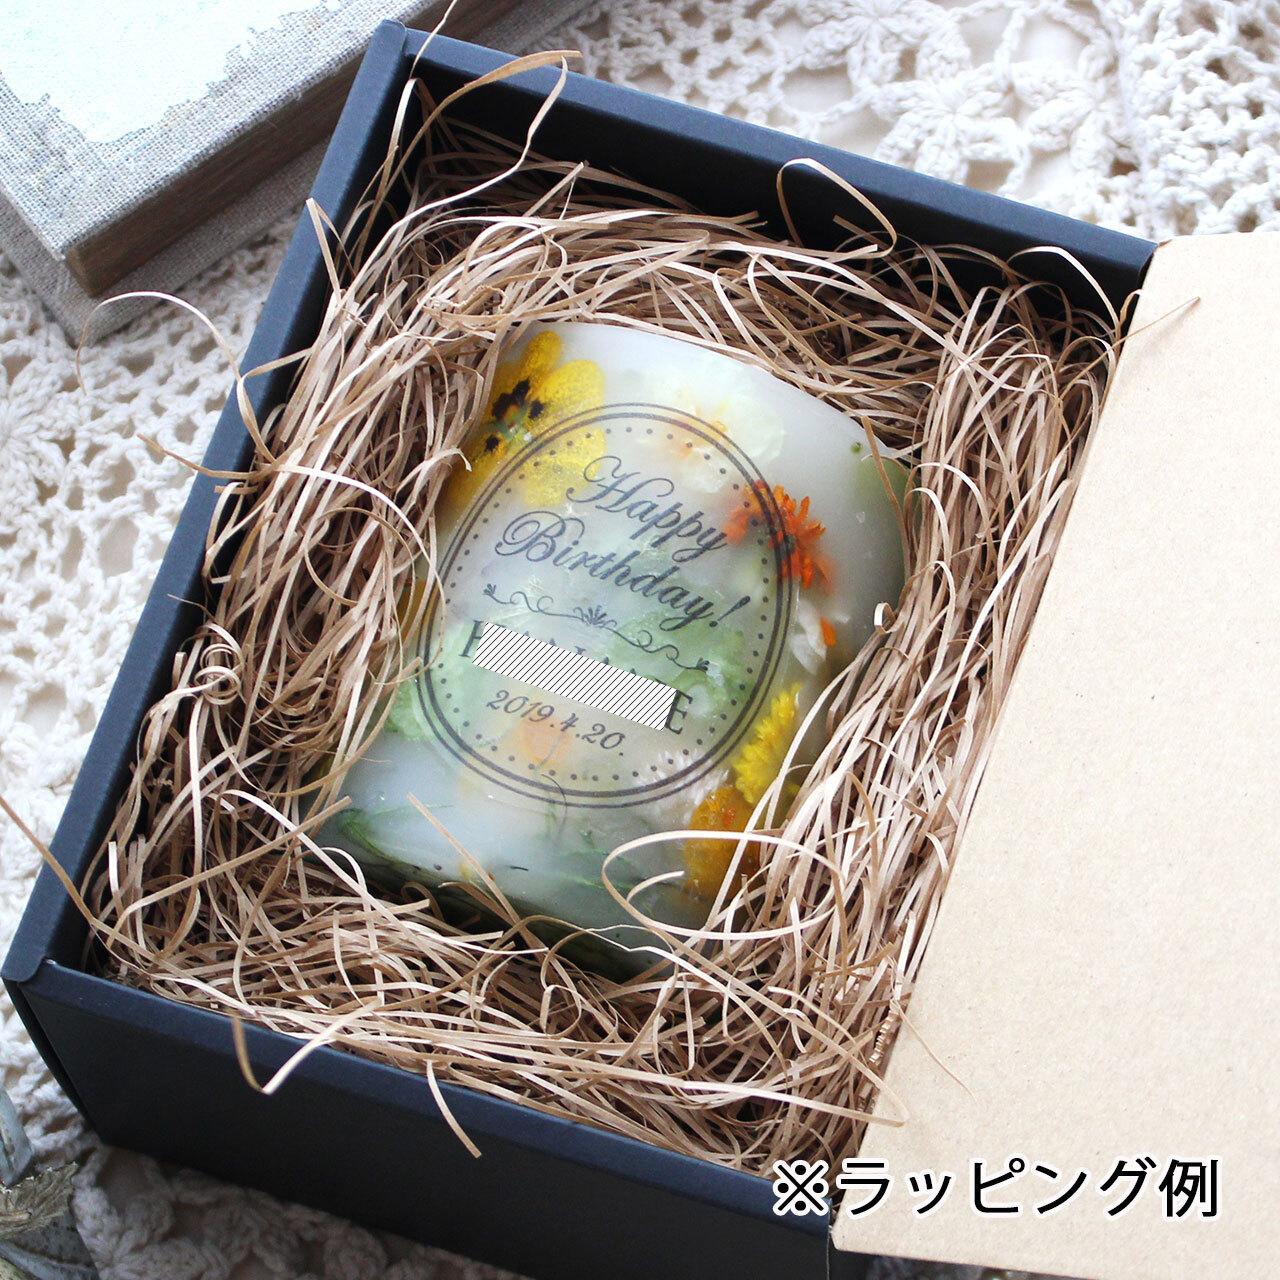 NC320 ギフトラッピング付き☆メッセージ&日付&名入れボタニカルキャンドル ガーデン